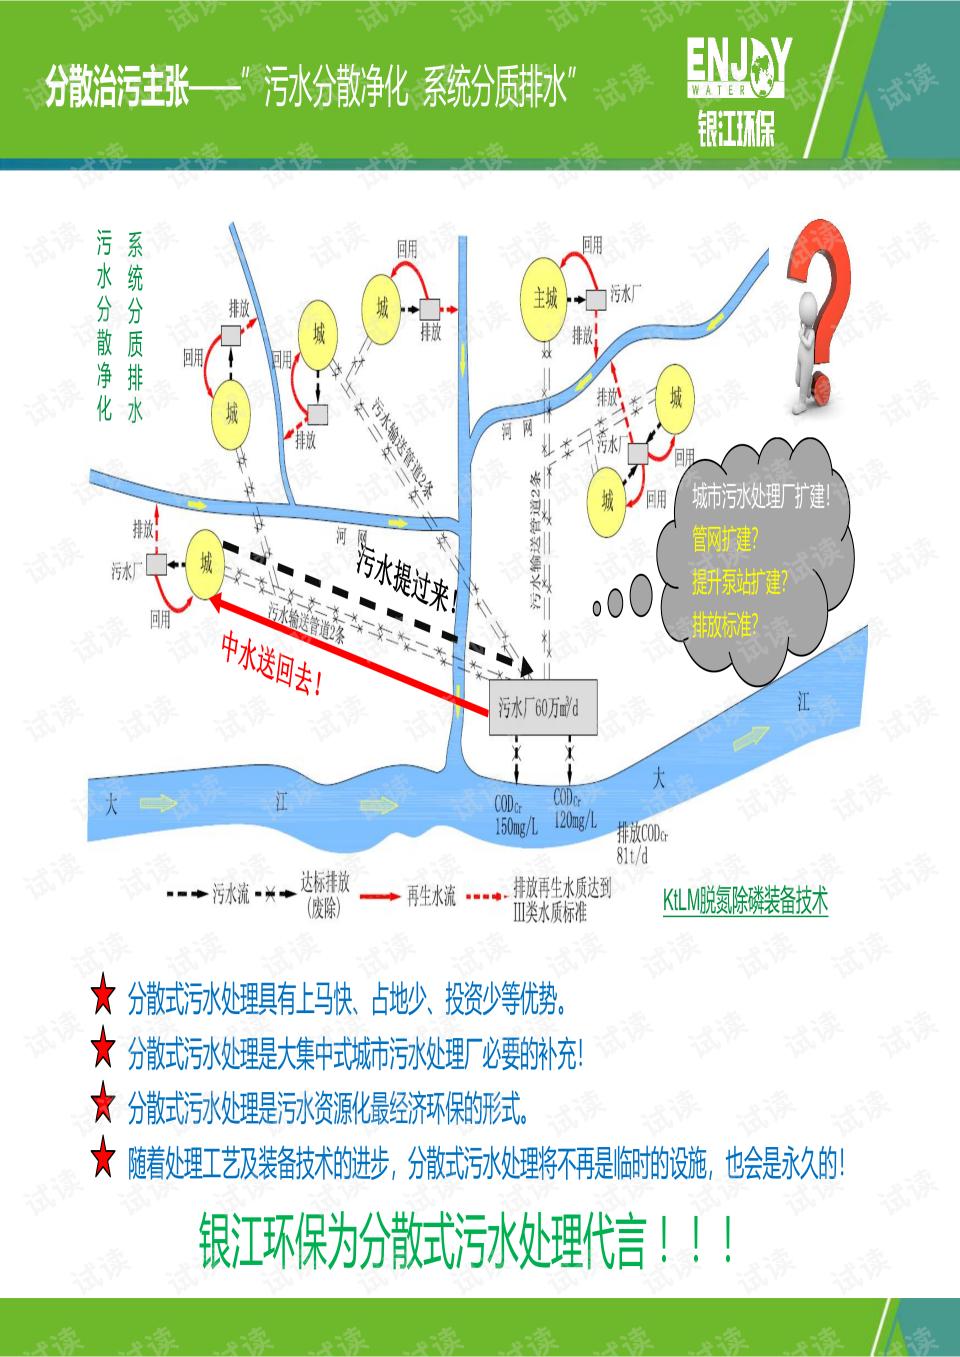 江五色系统 江五色集 系统